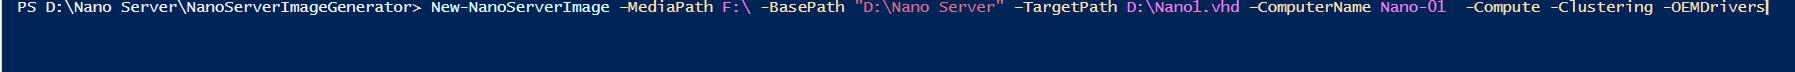 Nano-03